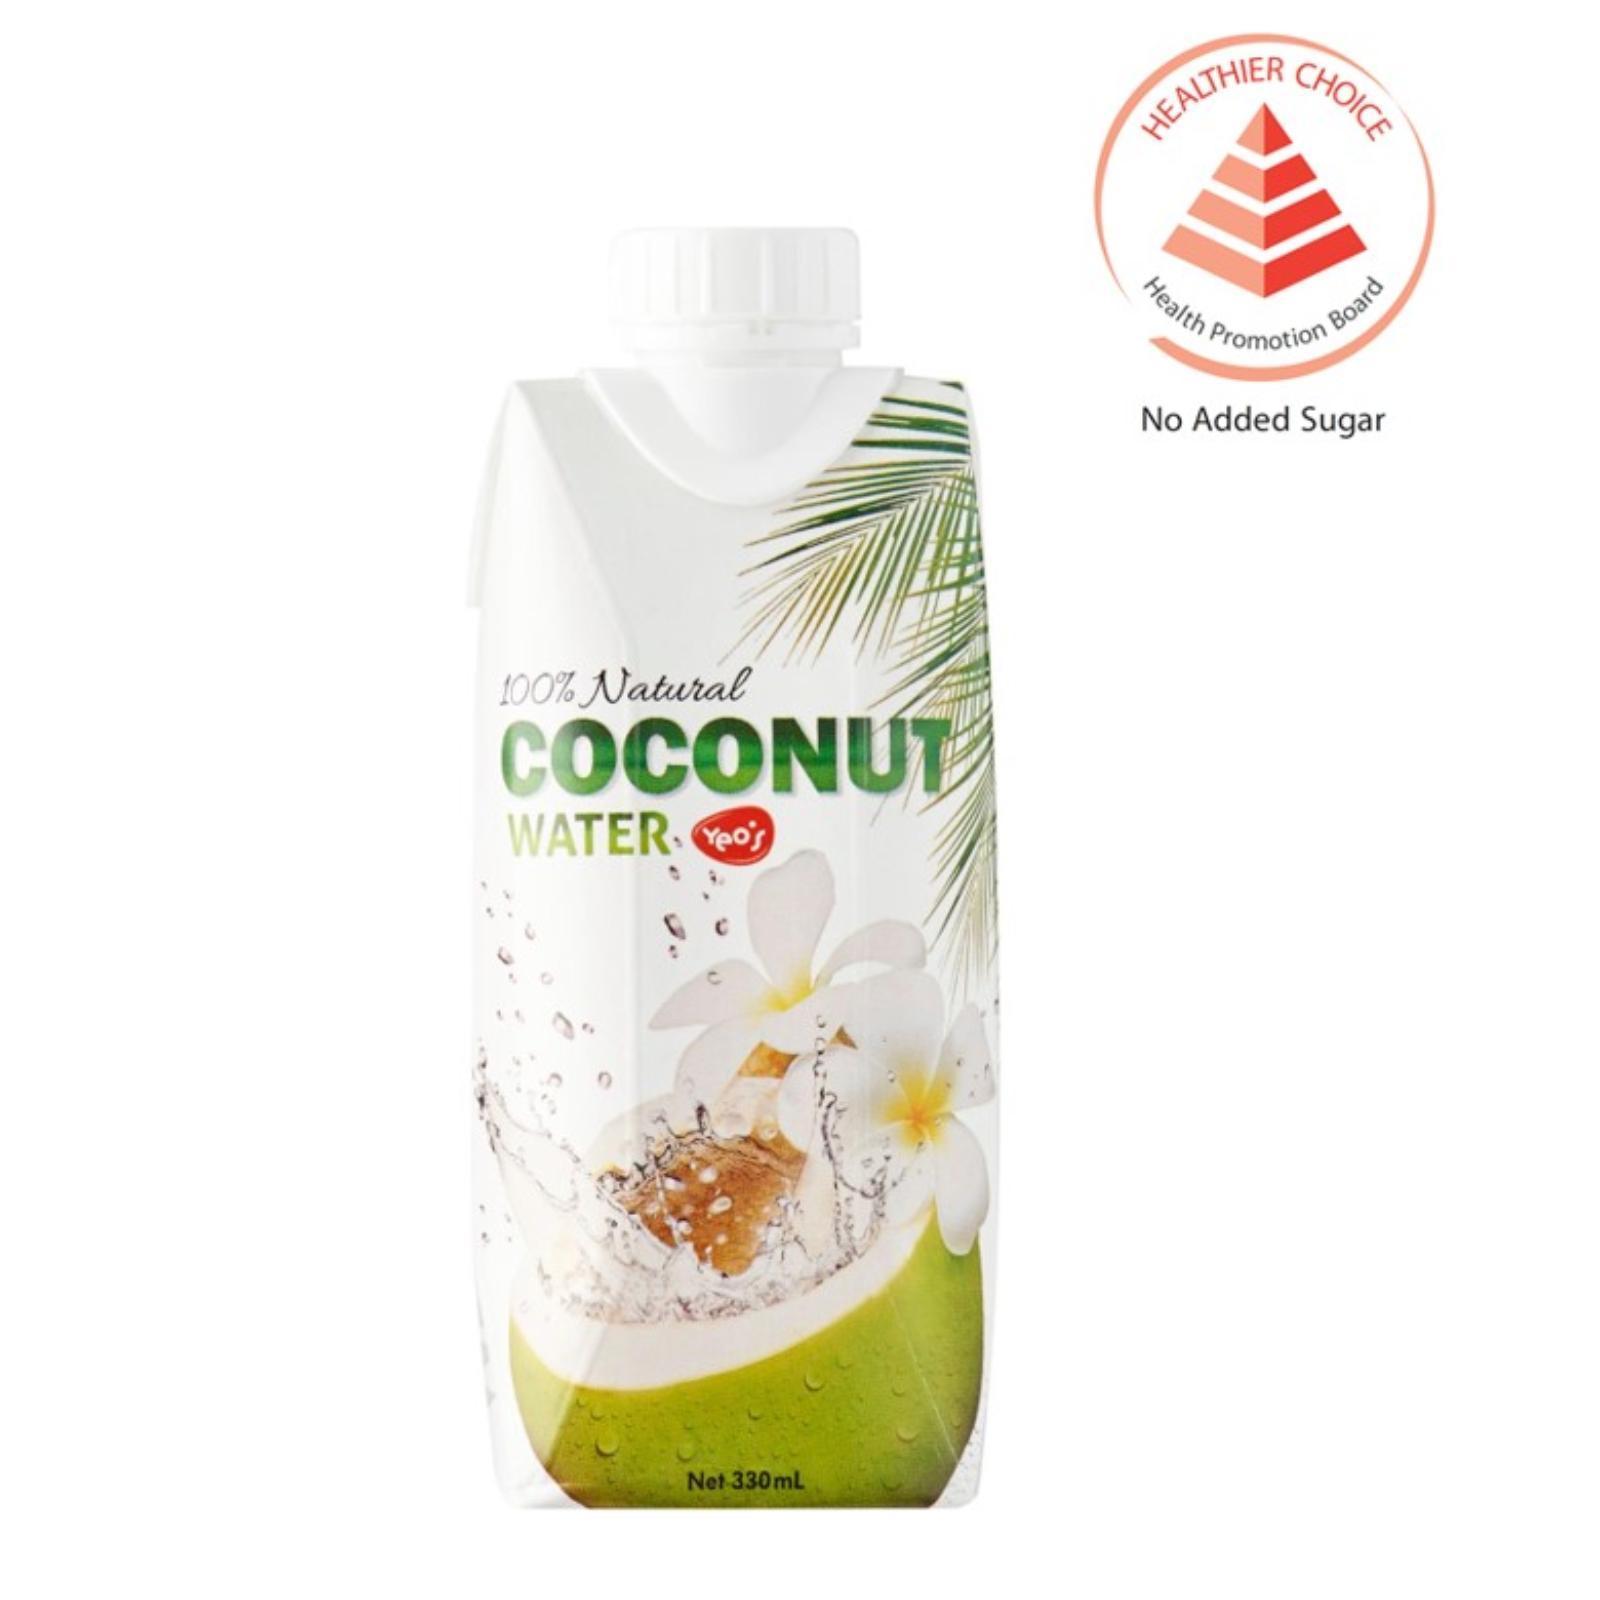 Yeo's 100% Coconut Water Juice